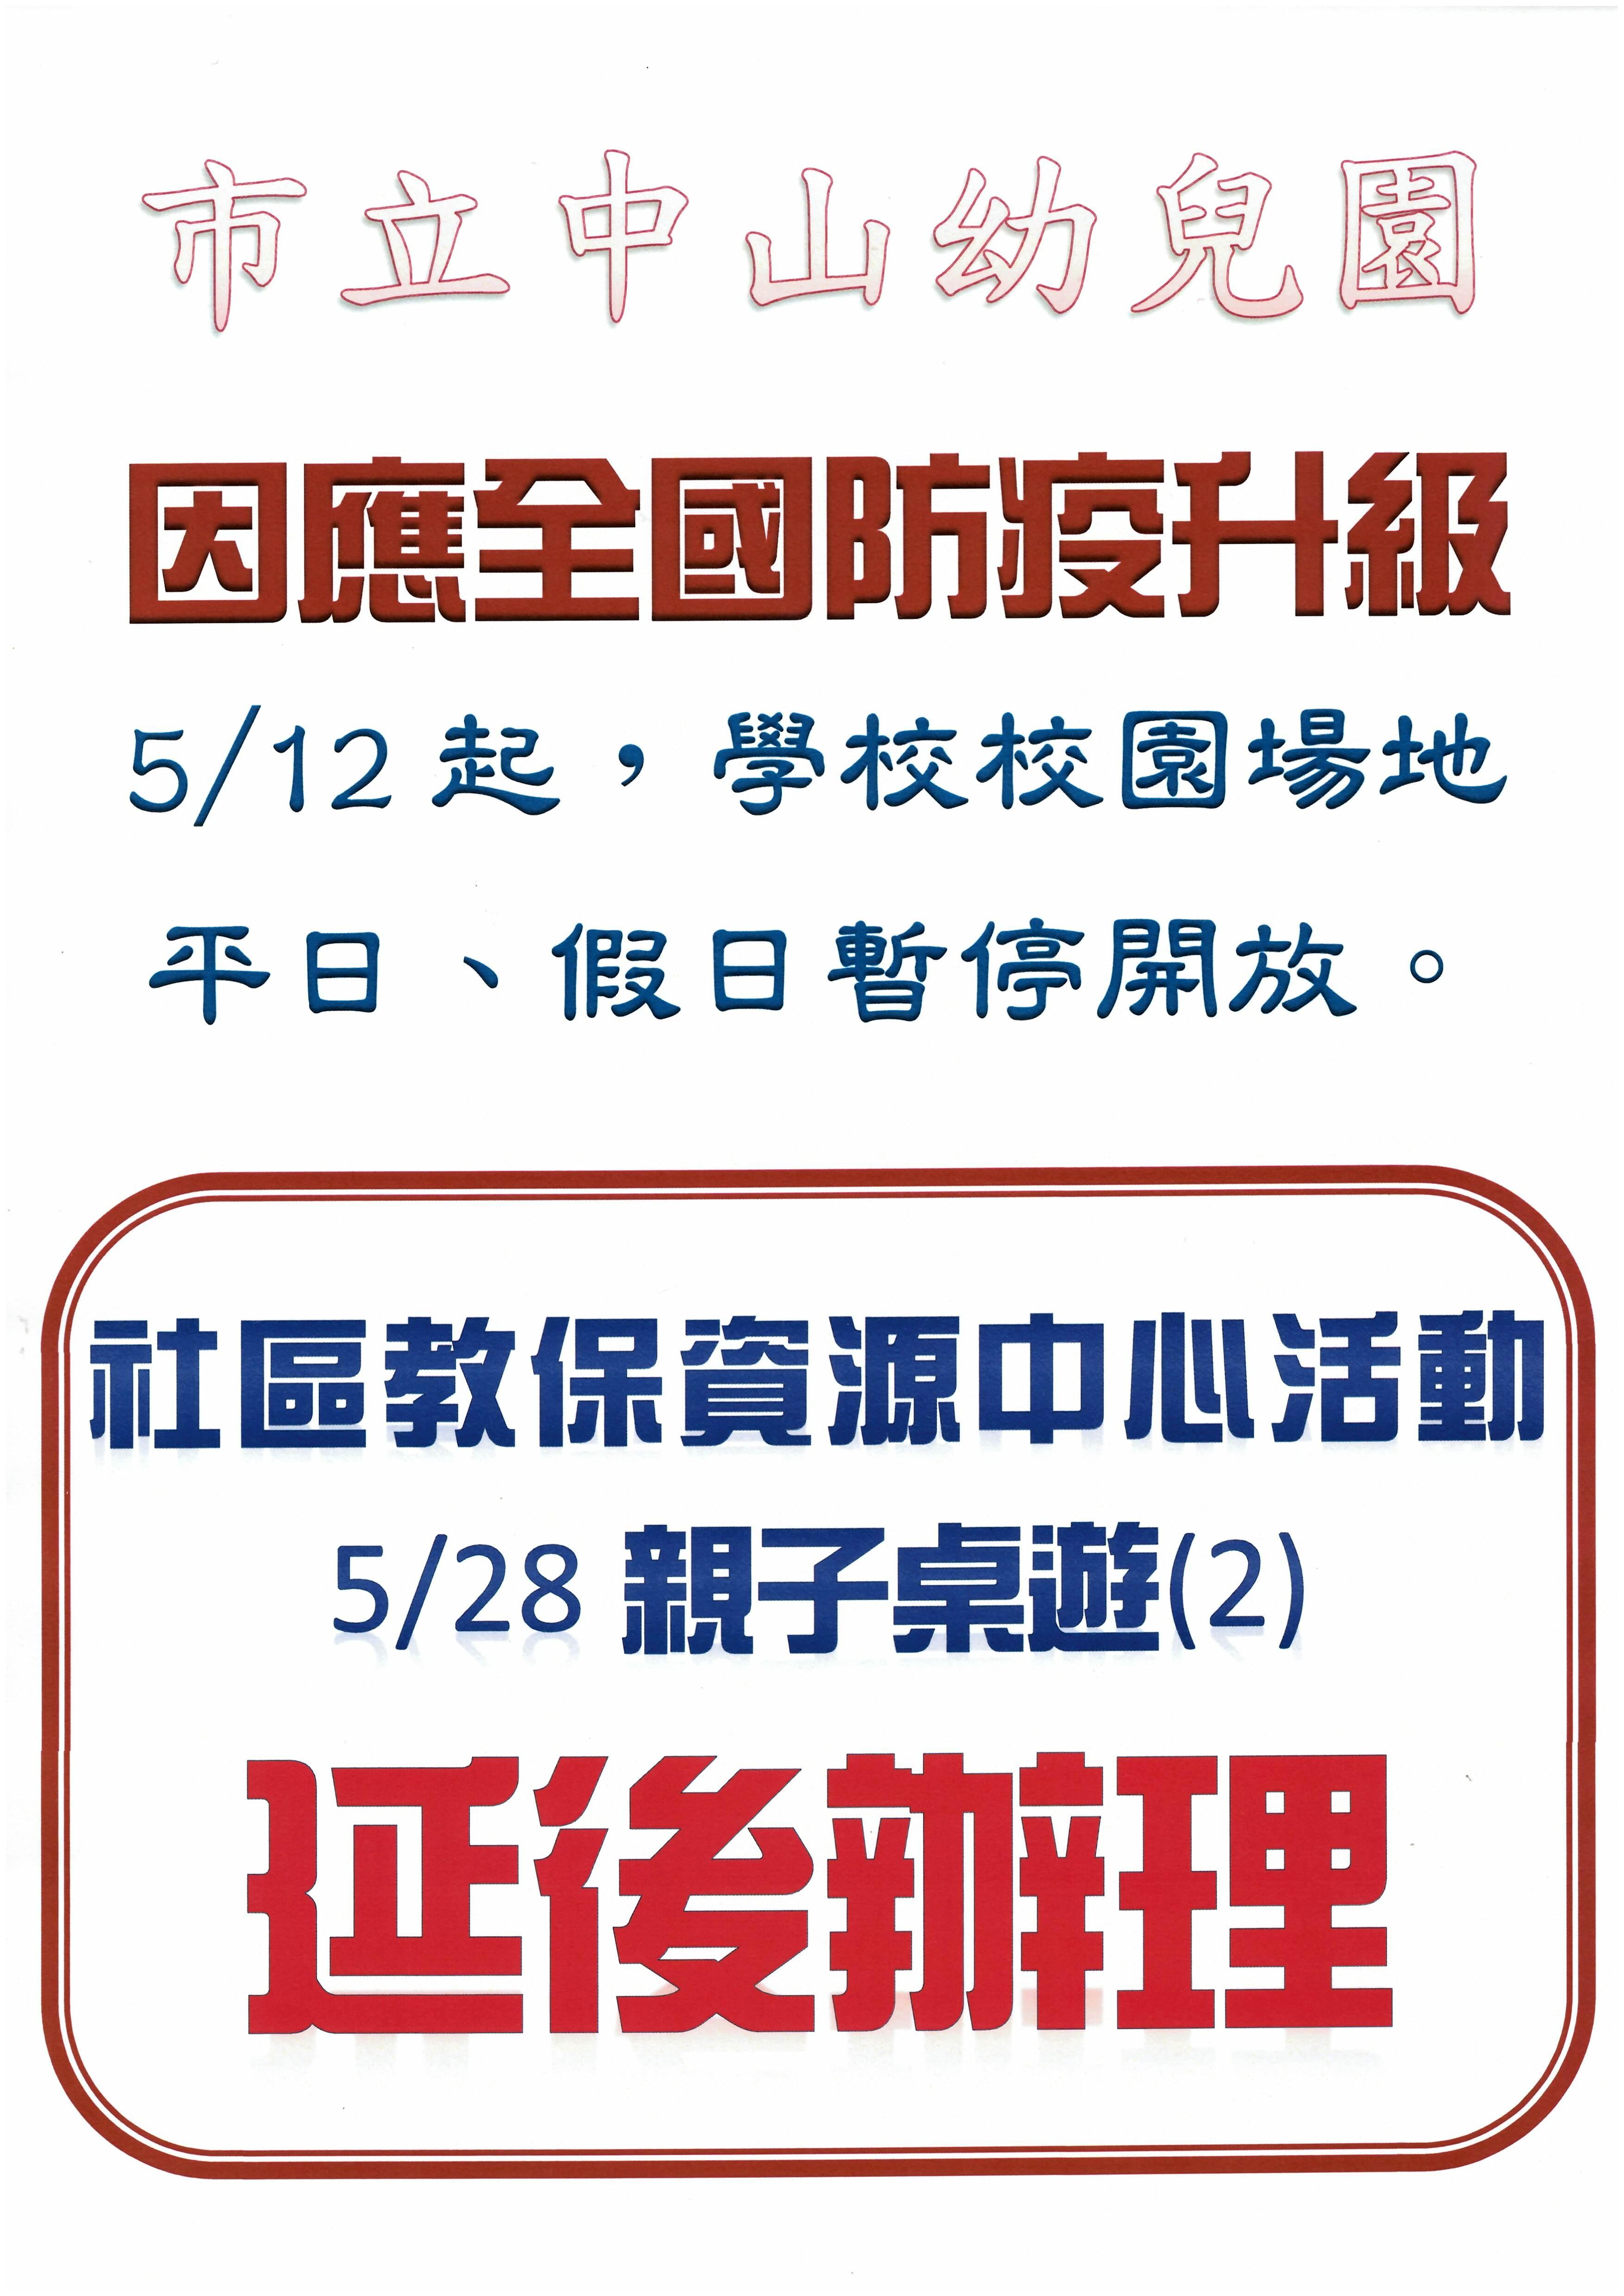 5/28活動取消海報